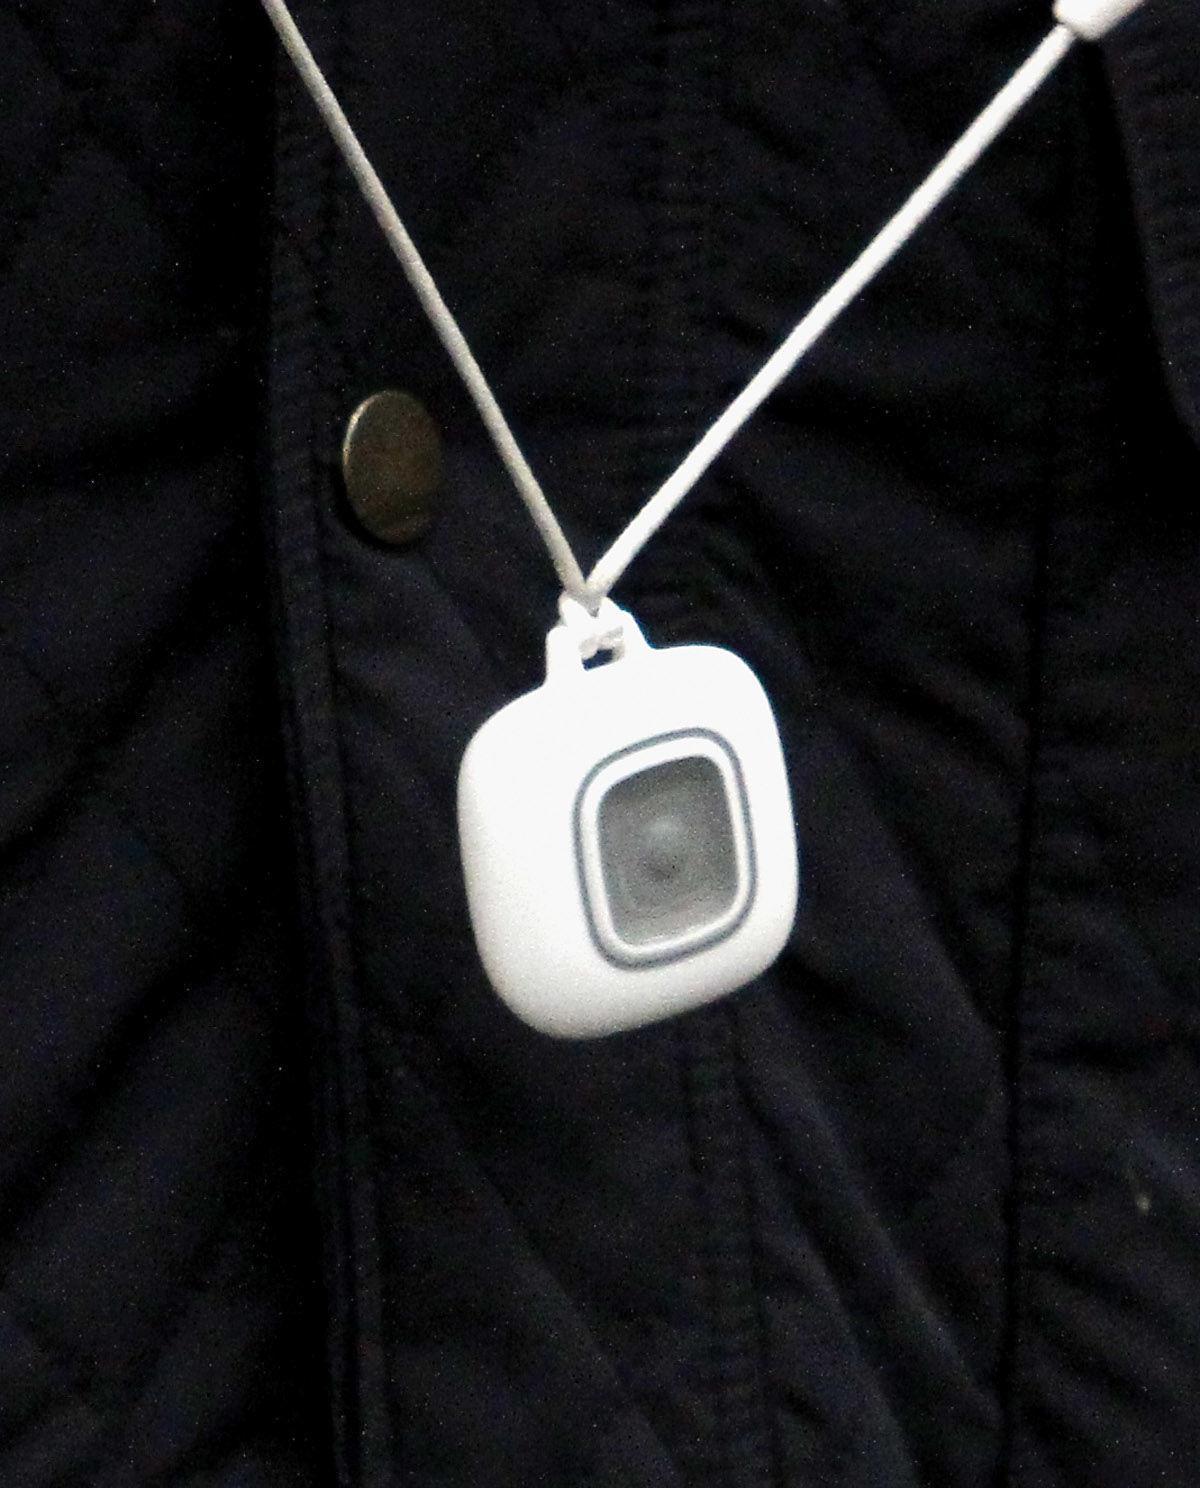 SARA alert system button